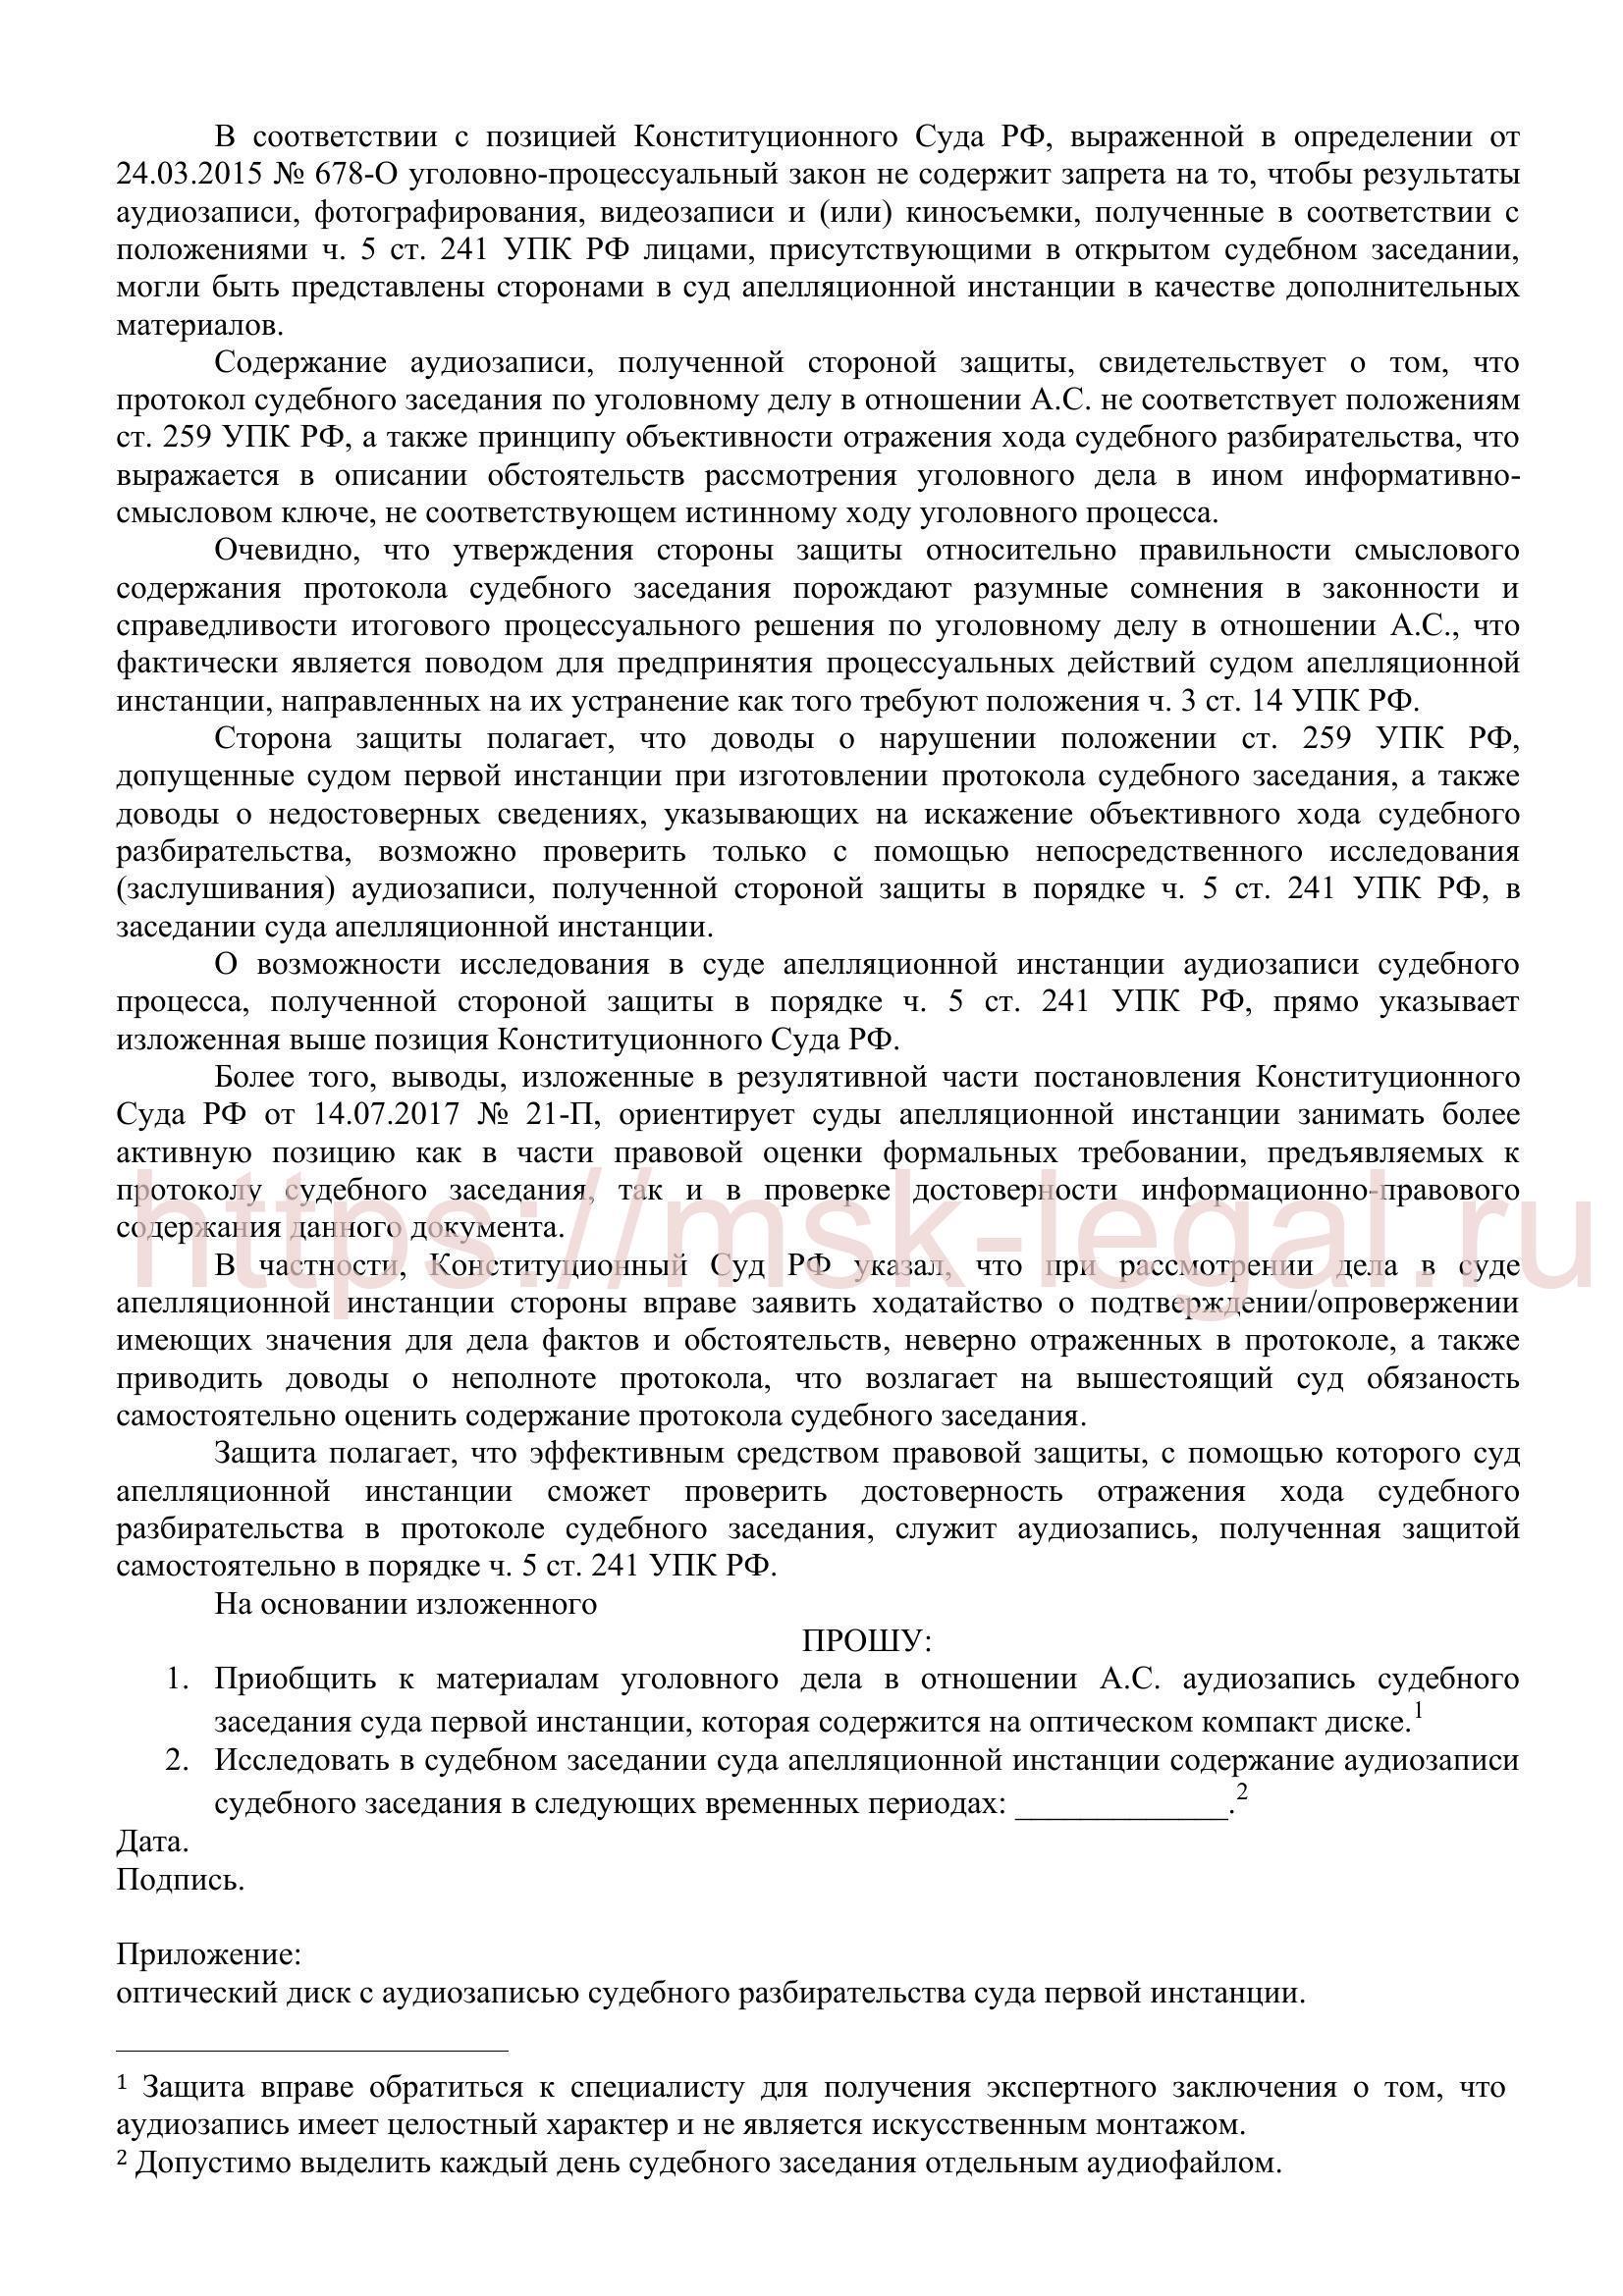 Ходатайство о приобщении к материалам уголовного дела и исследовании в судебном заседании аудиозаписи судебного разбирательства